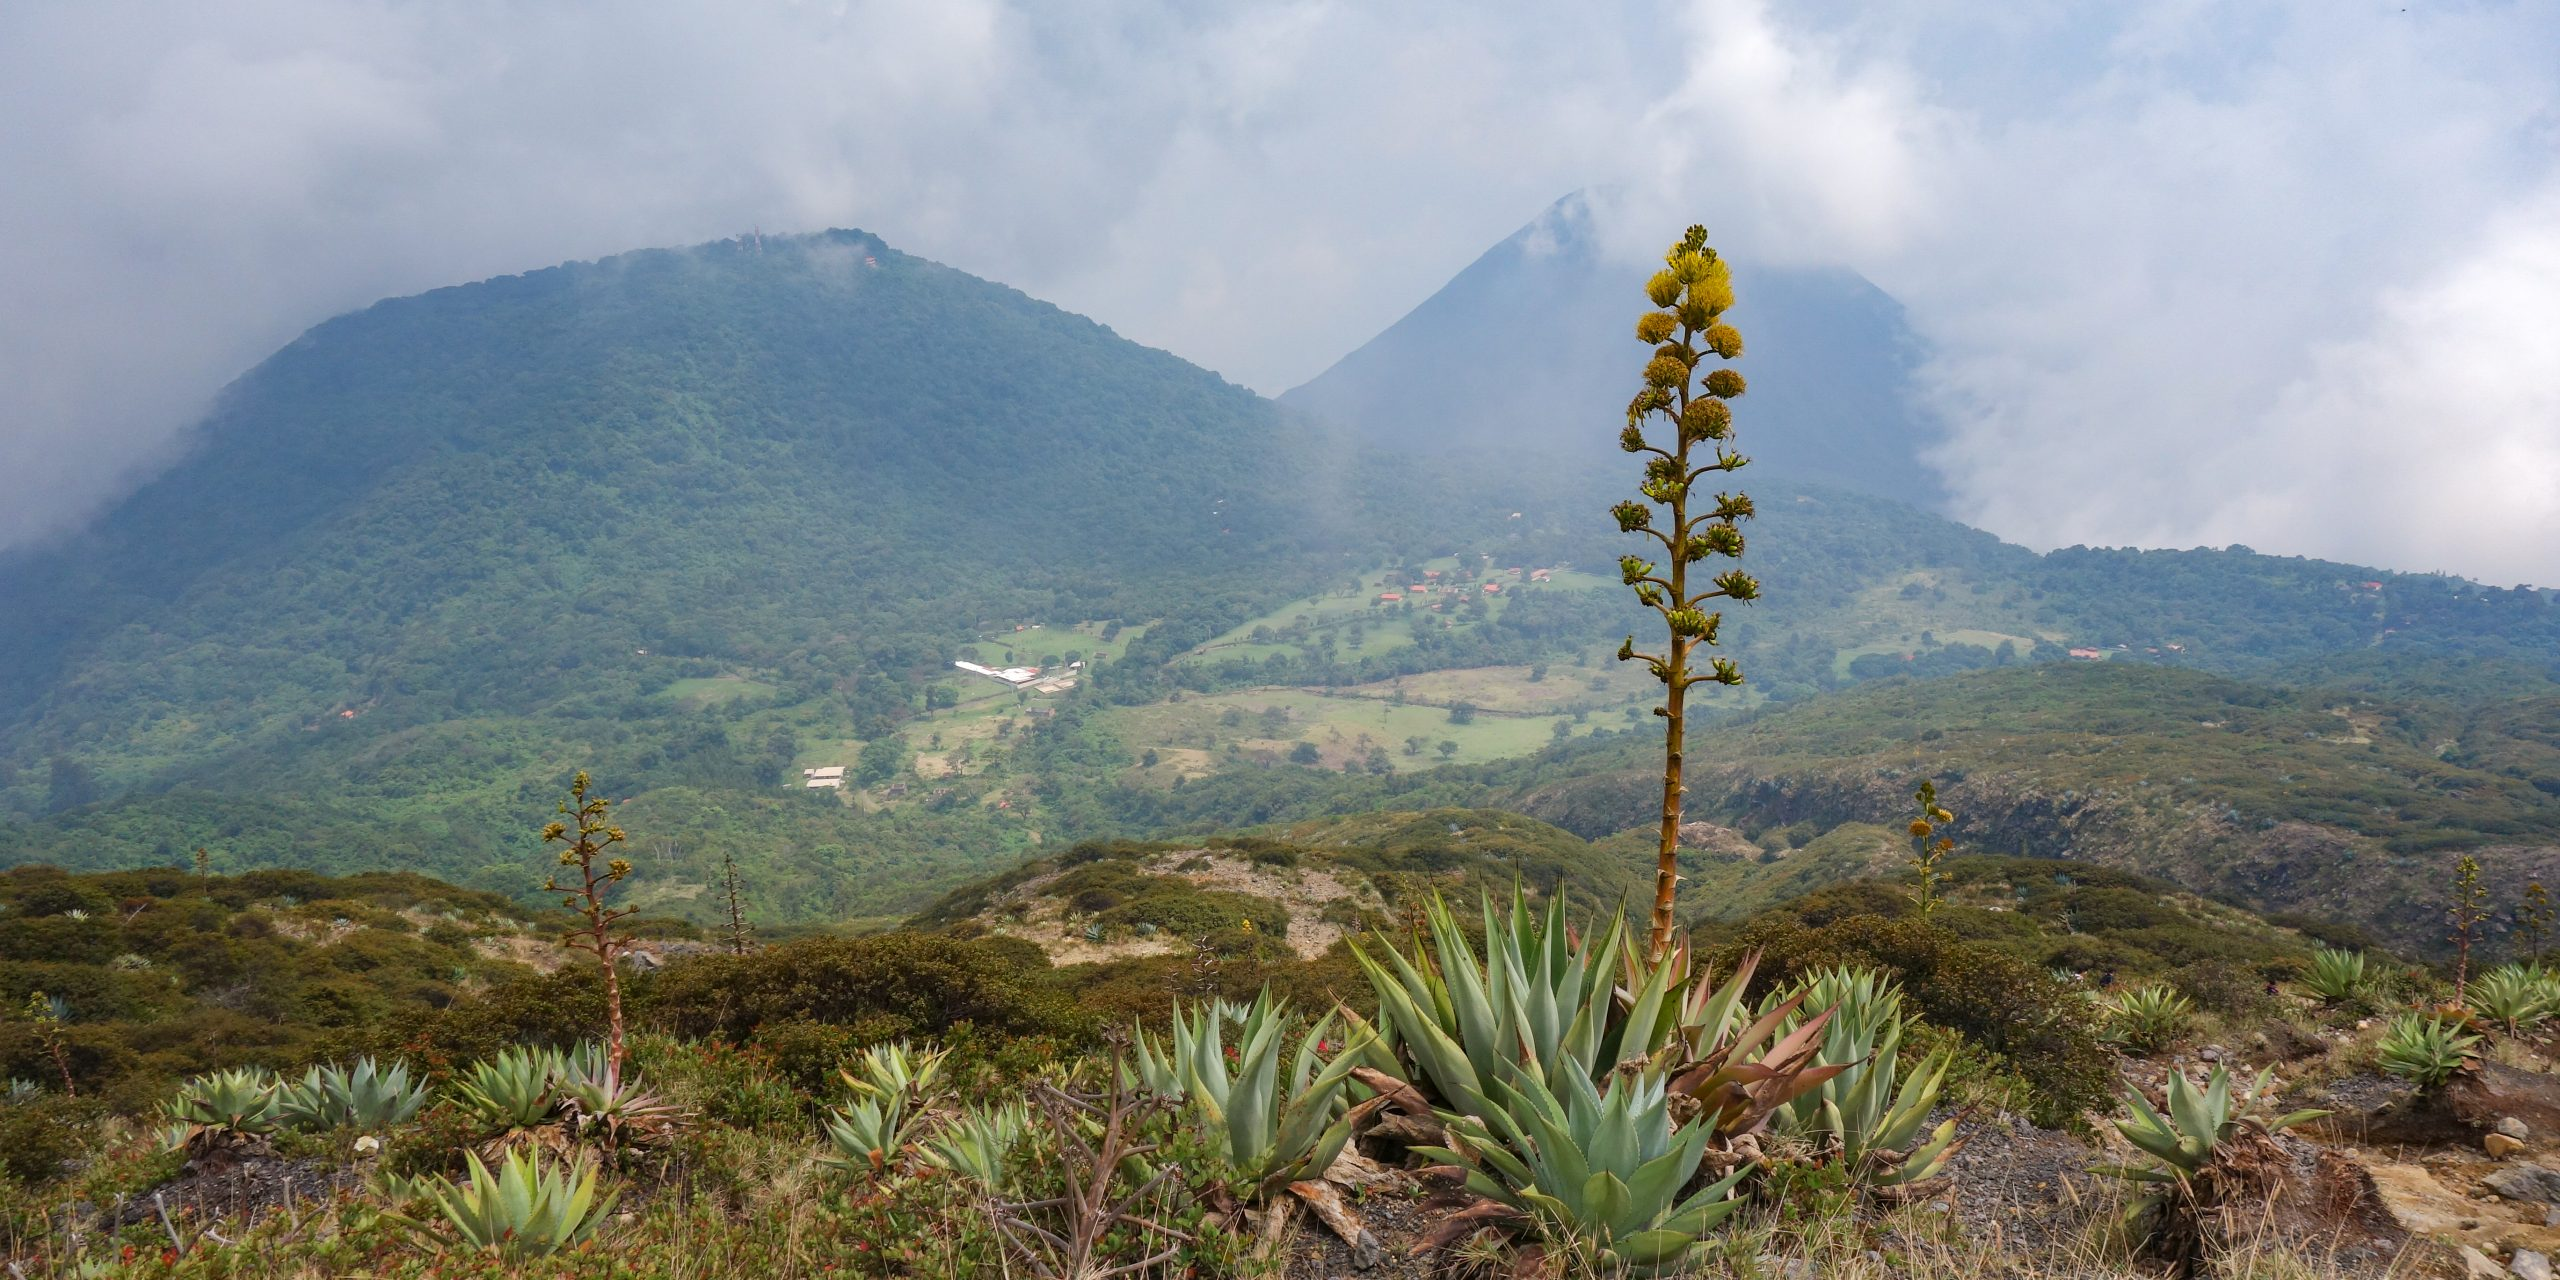 View from Volcan Santa Ana, El Salvador